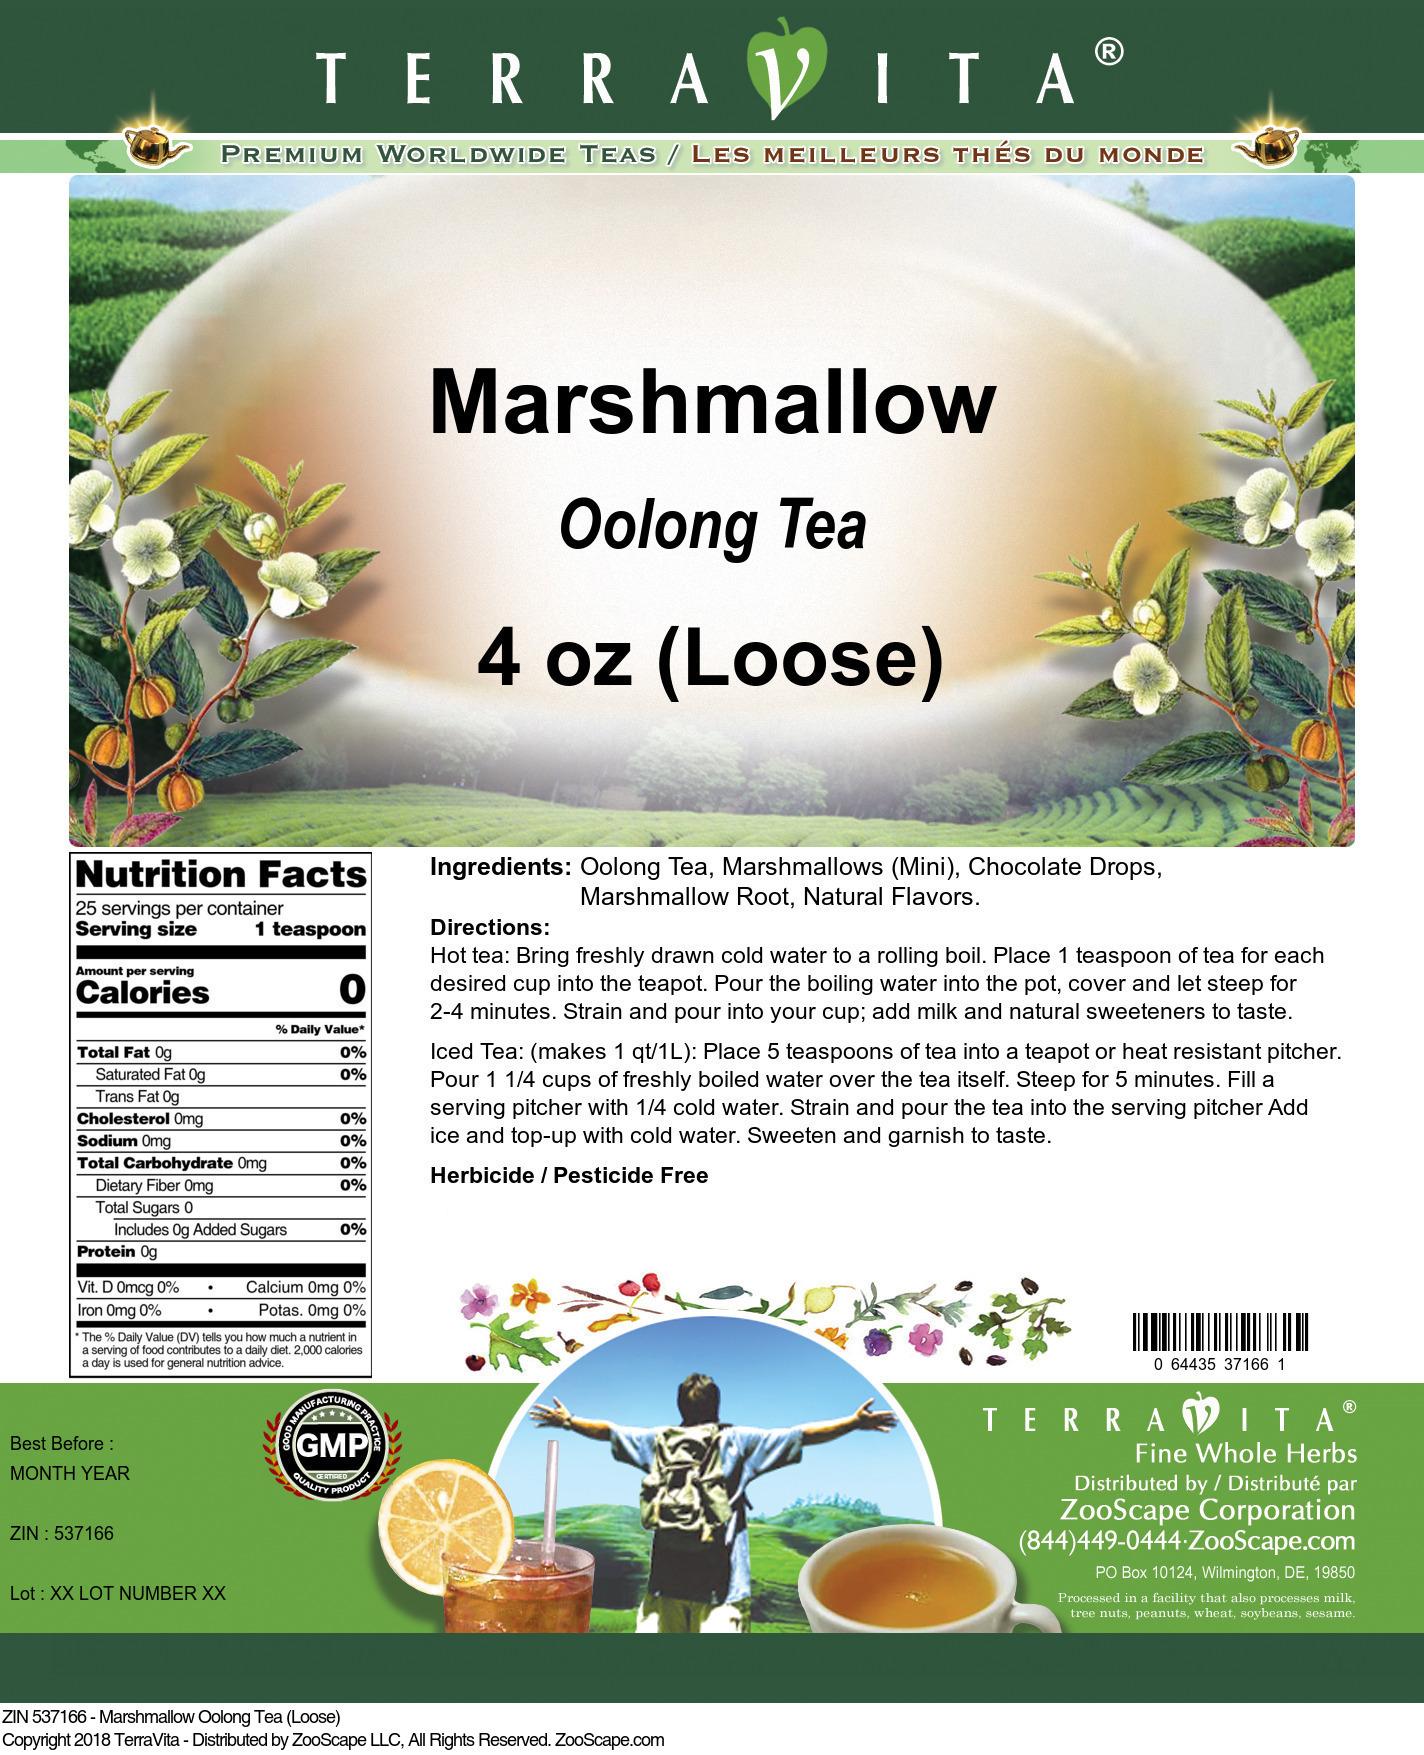 Marshmallow Oolong Tea